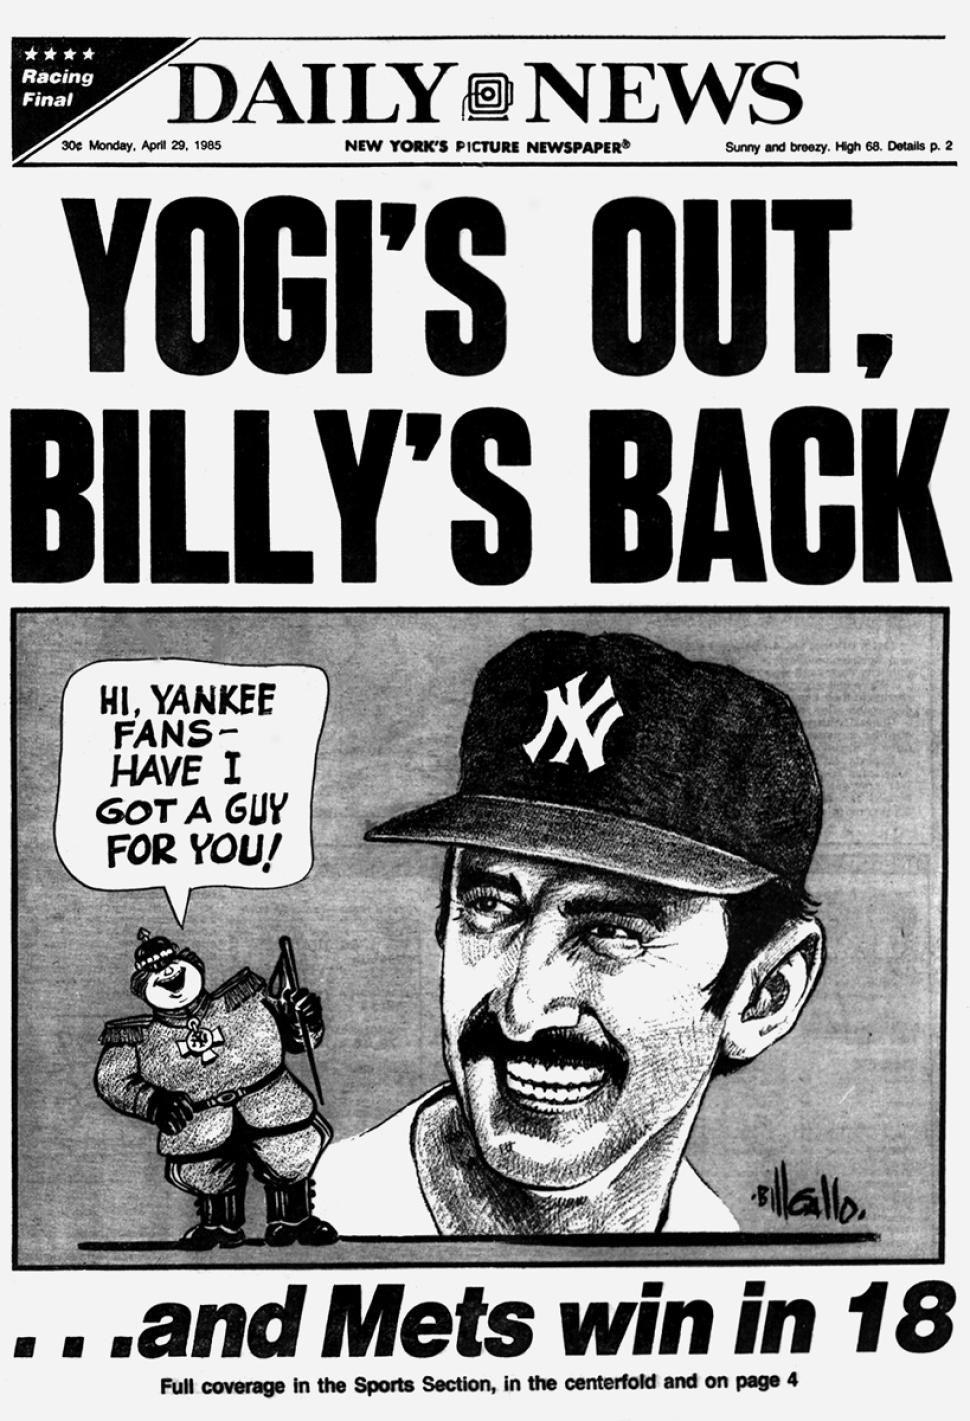 Yogi Berra 19252015 Yogi Berra dead at age 90 The